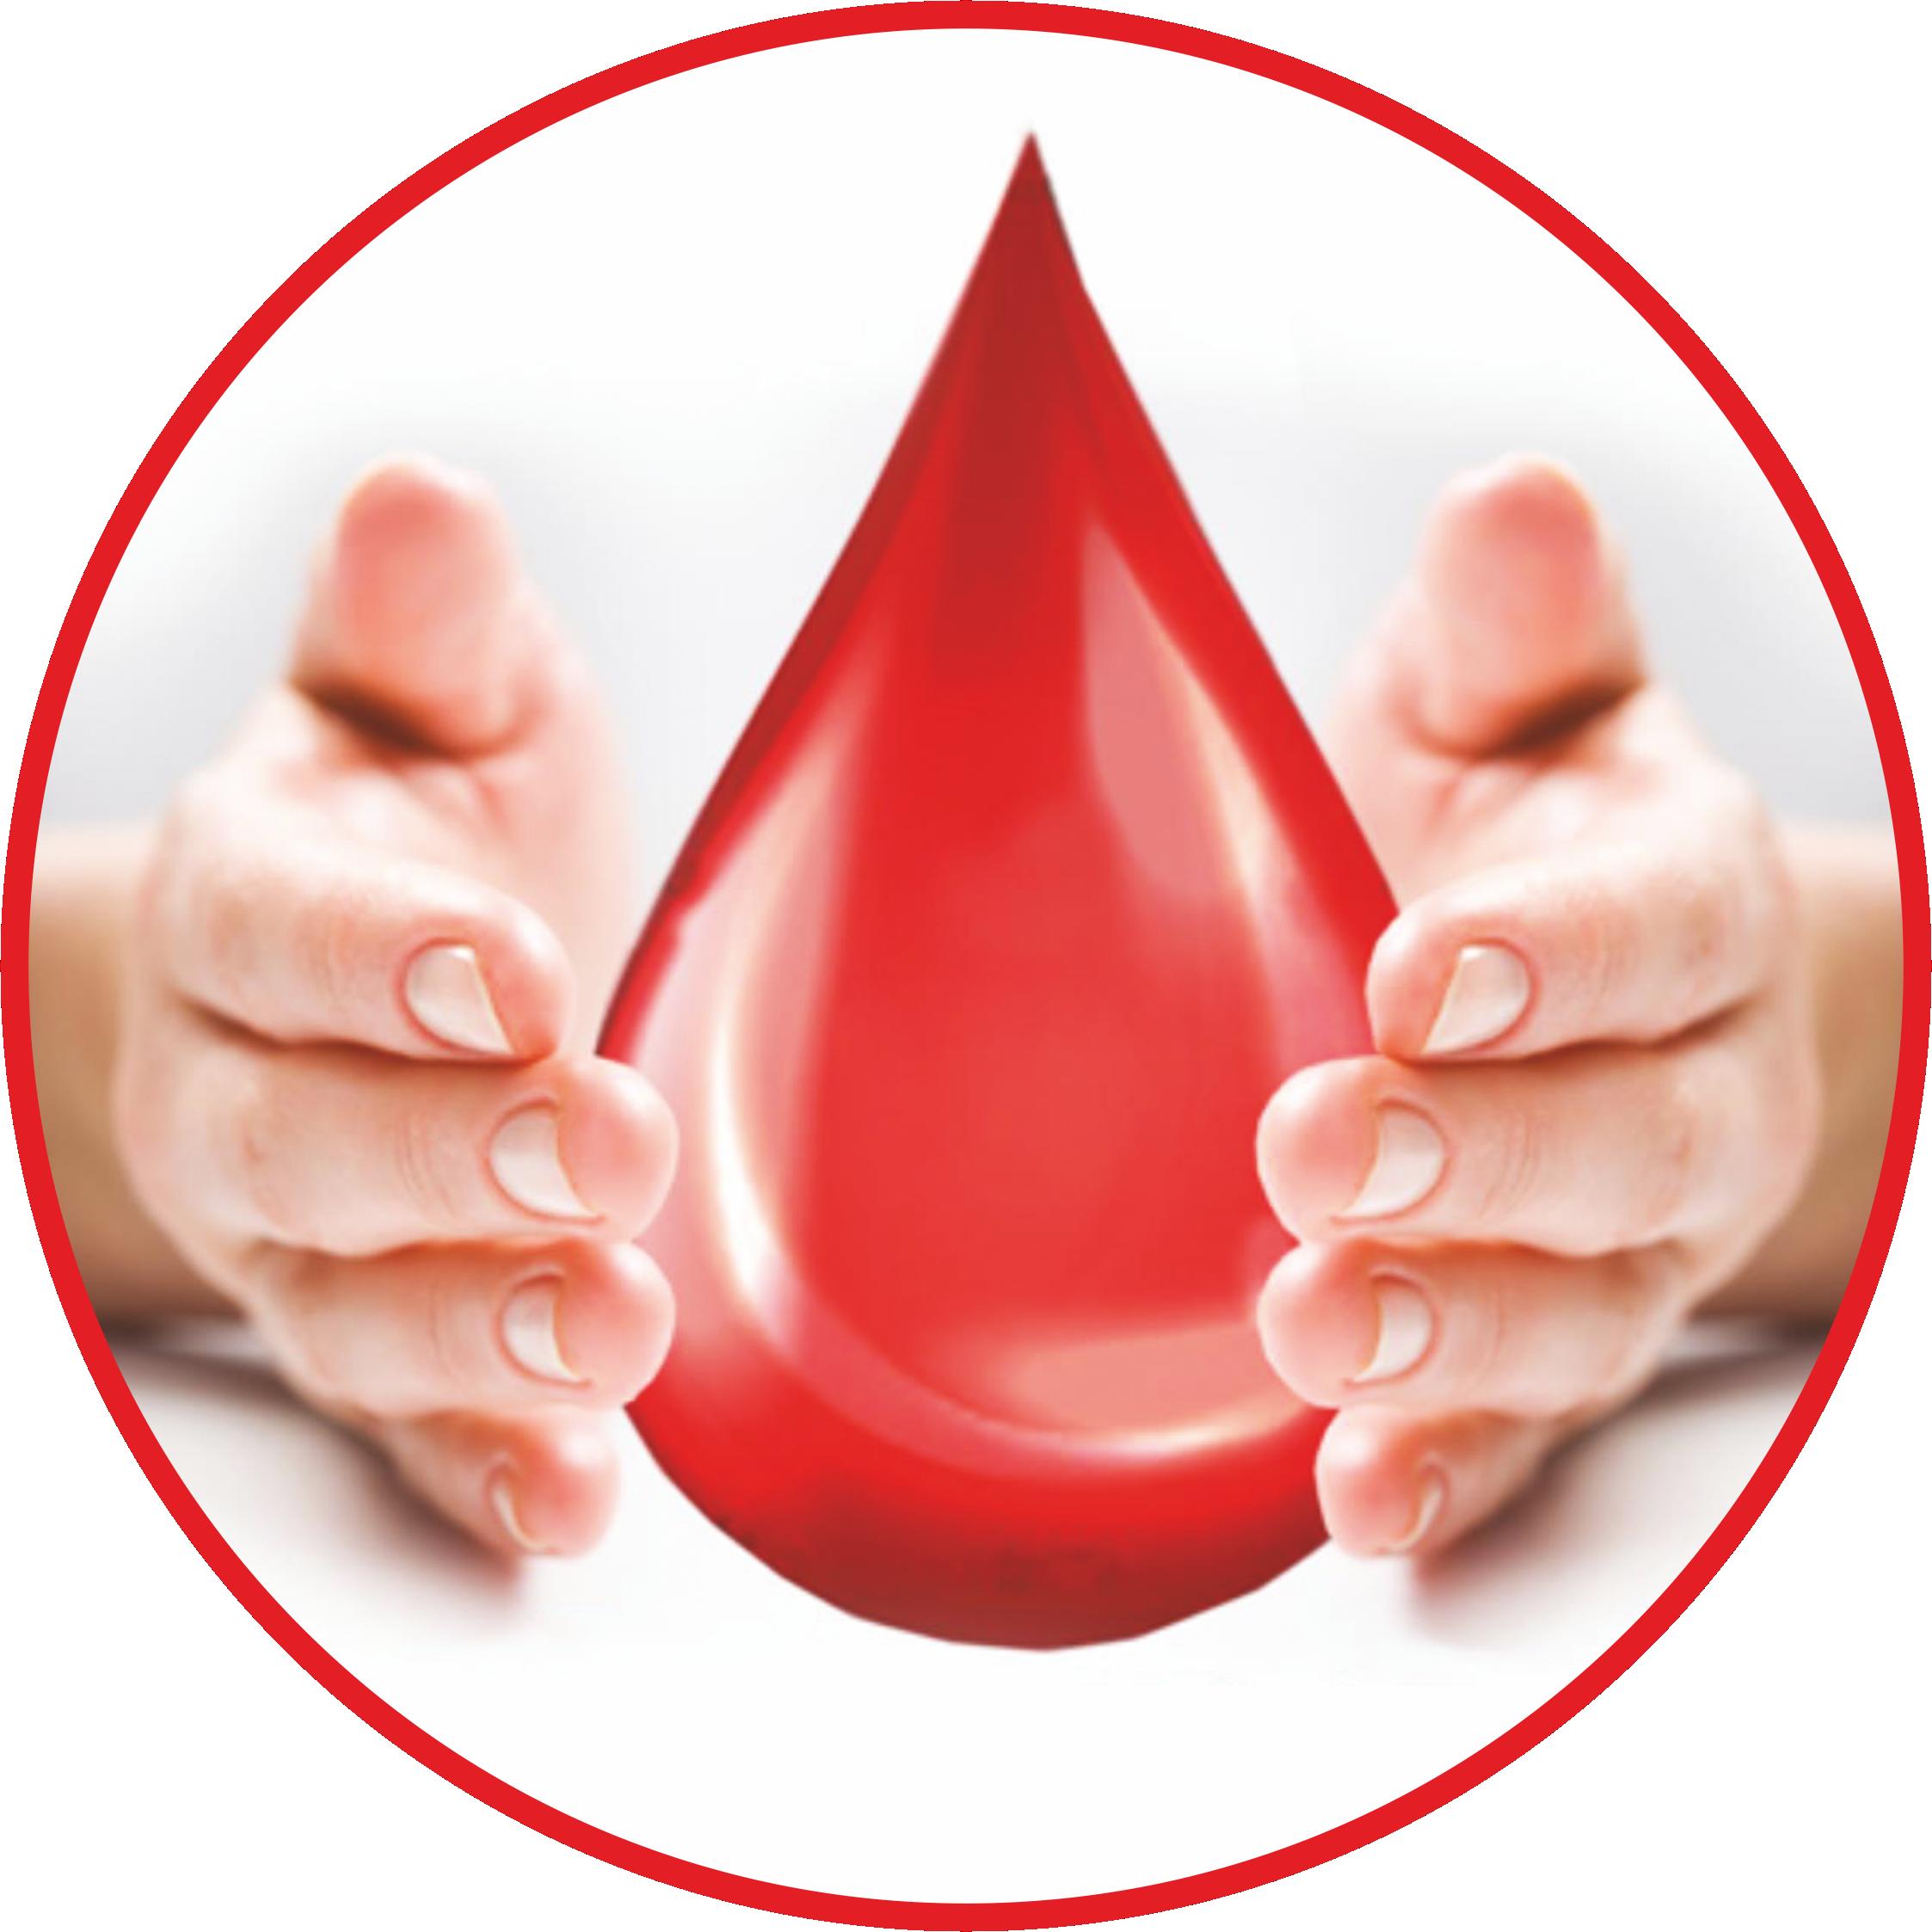 Kraujo tyrimai klaipeda dragunu g